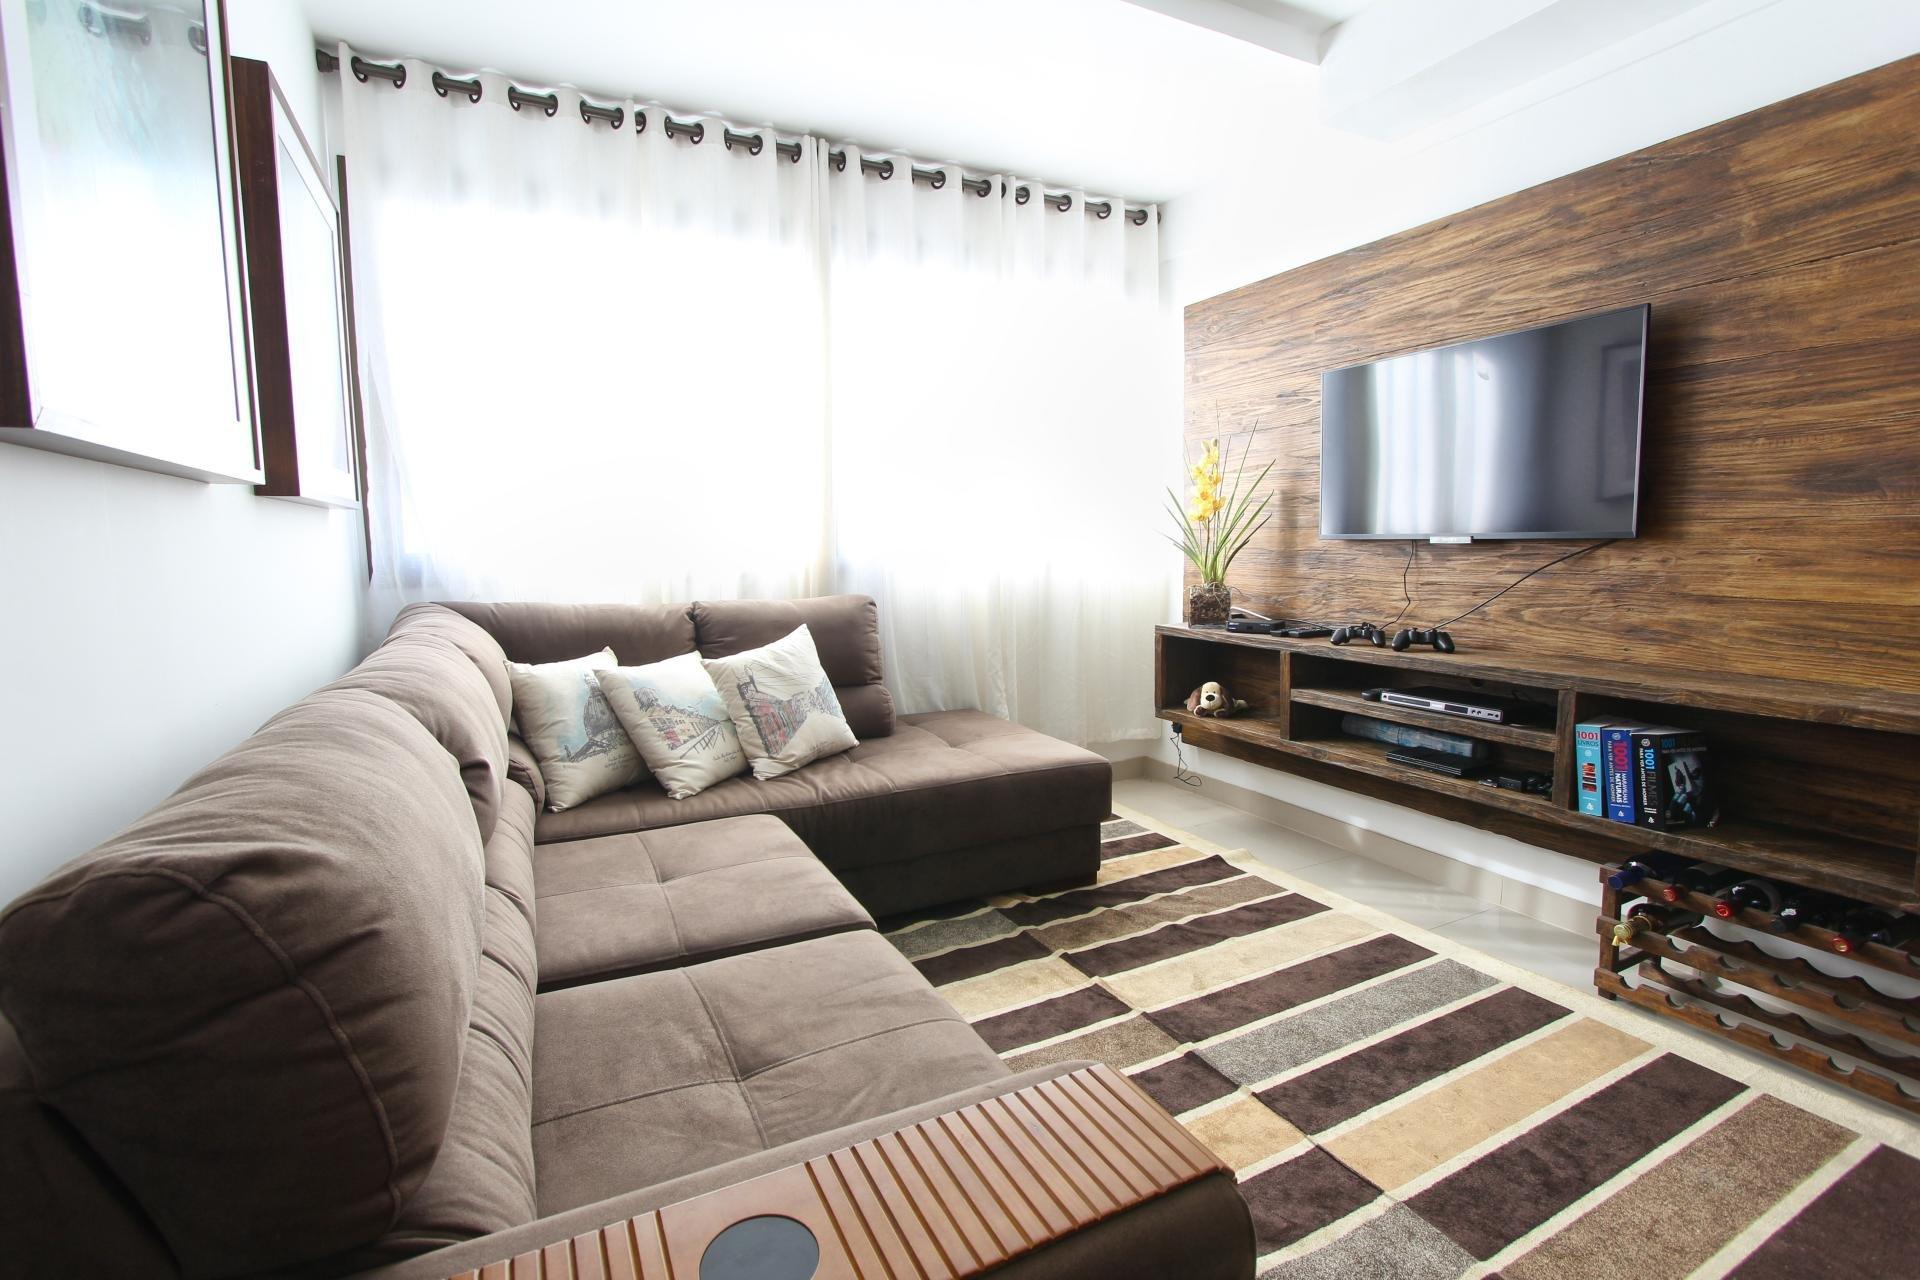 Satılık Apartman Dairesi   165 m²